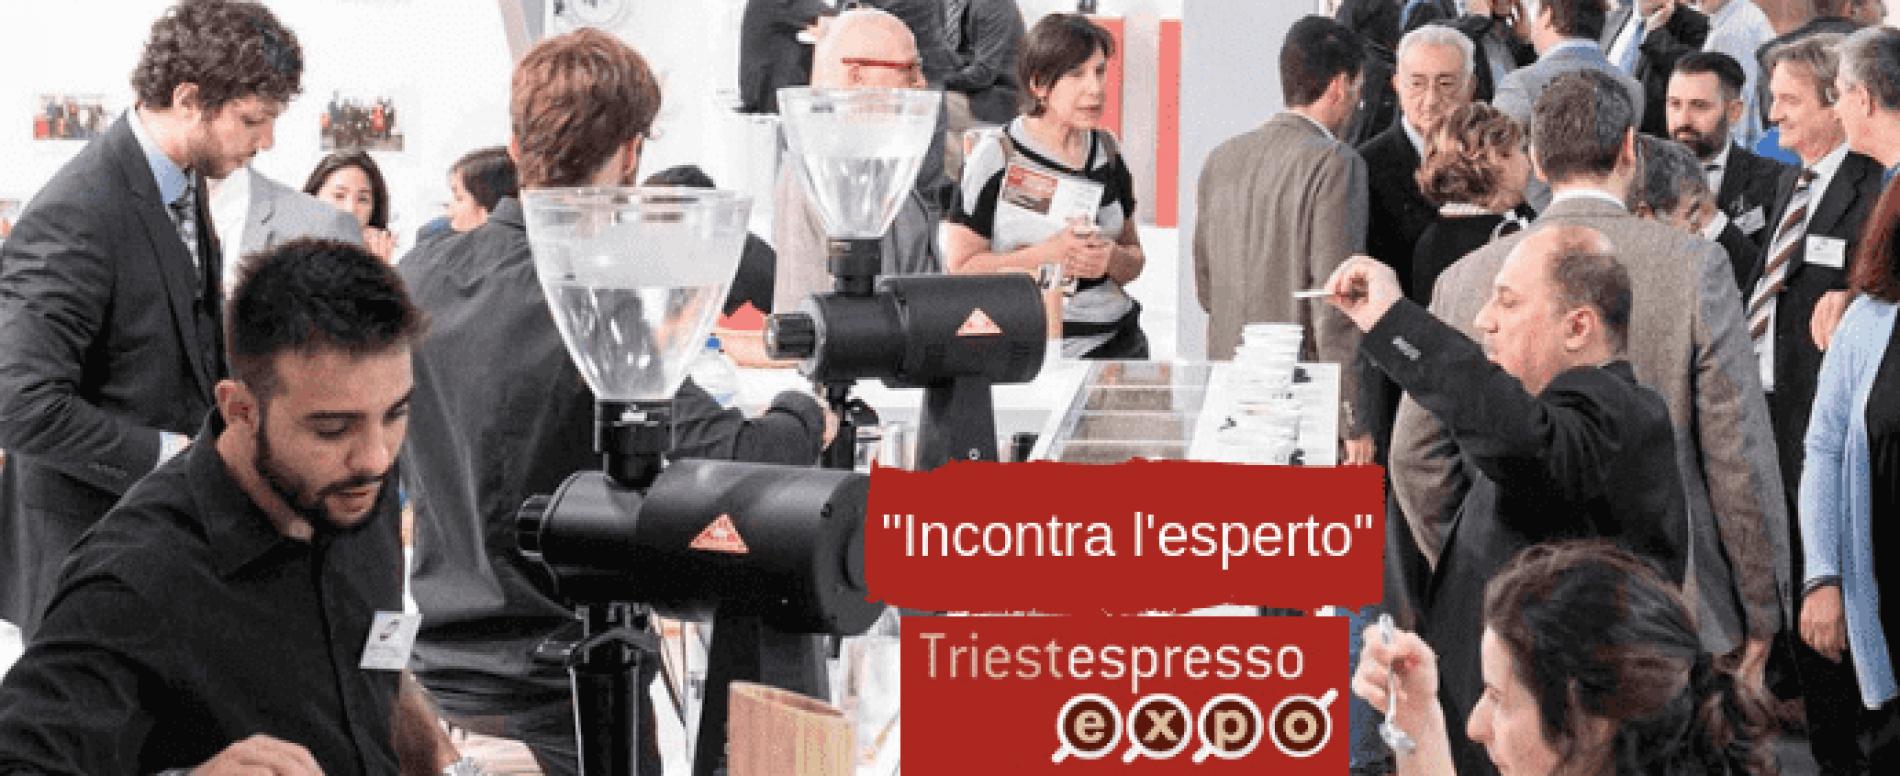 """""""Incontra l'esperto"""" a TriestEspresso Expo 2018"""